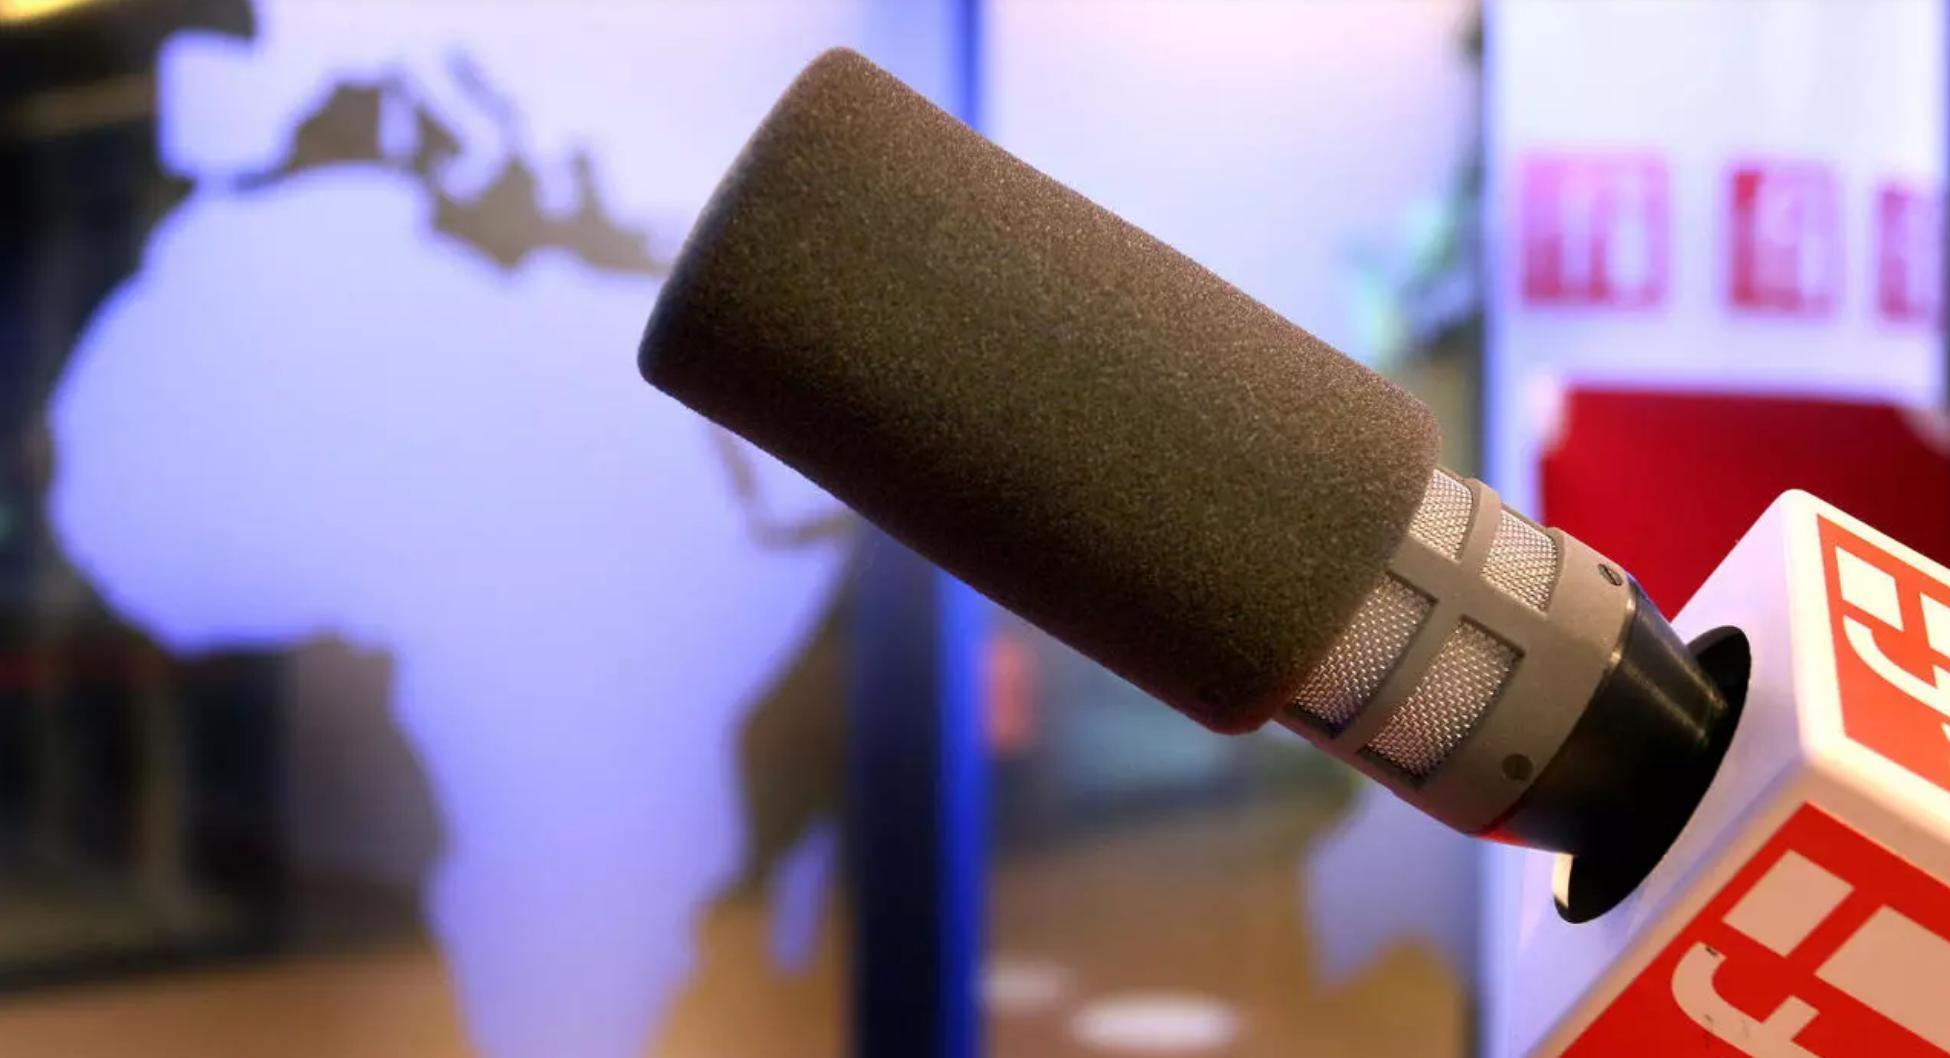 La rédaction de RFI en mandingue fête ses 5 ans